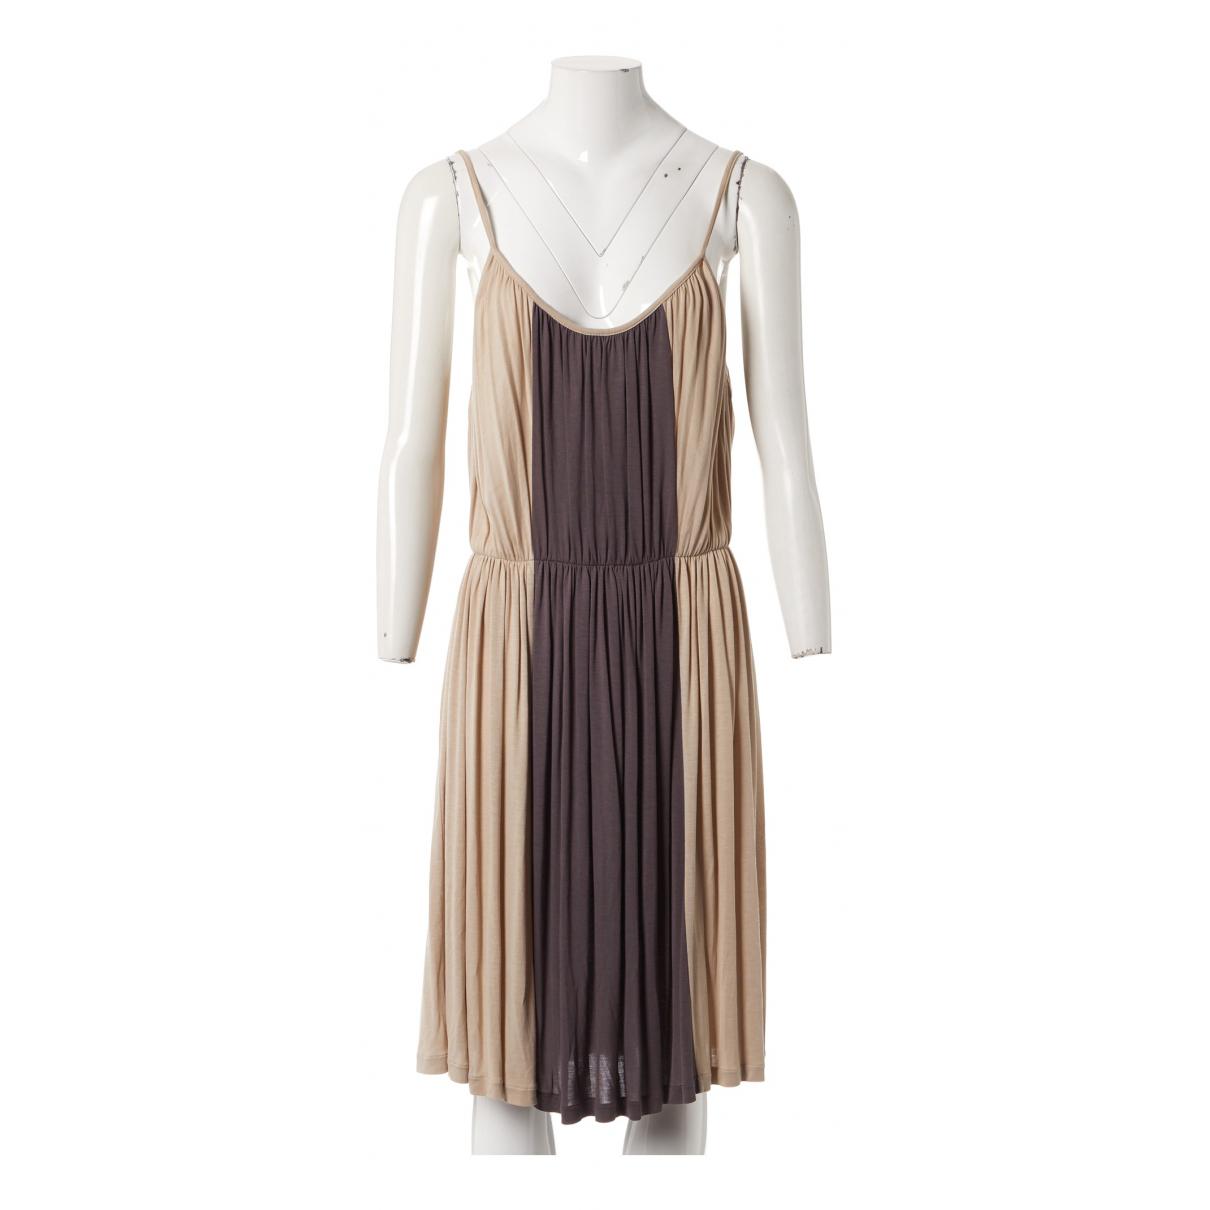 Chloe \N Kleid in  Braun Viskose